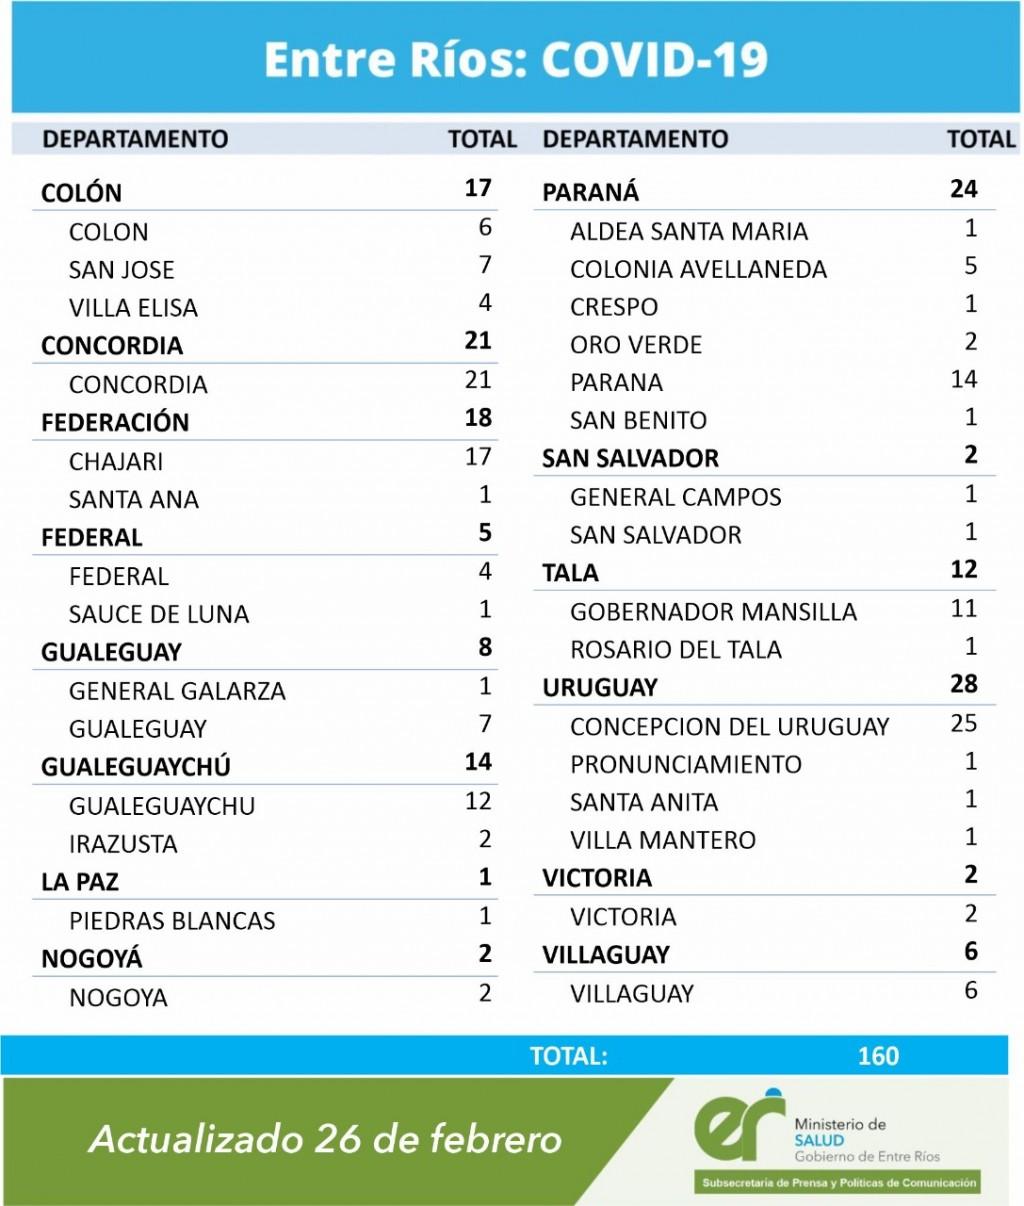 SE REGISTRARON 4 NUEVOS CASOS EN FEDERAL Y 1 EN SAUCE DE LUNA - TOTAL 324 -